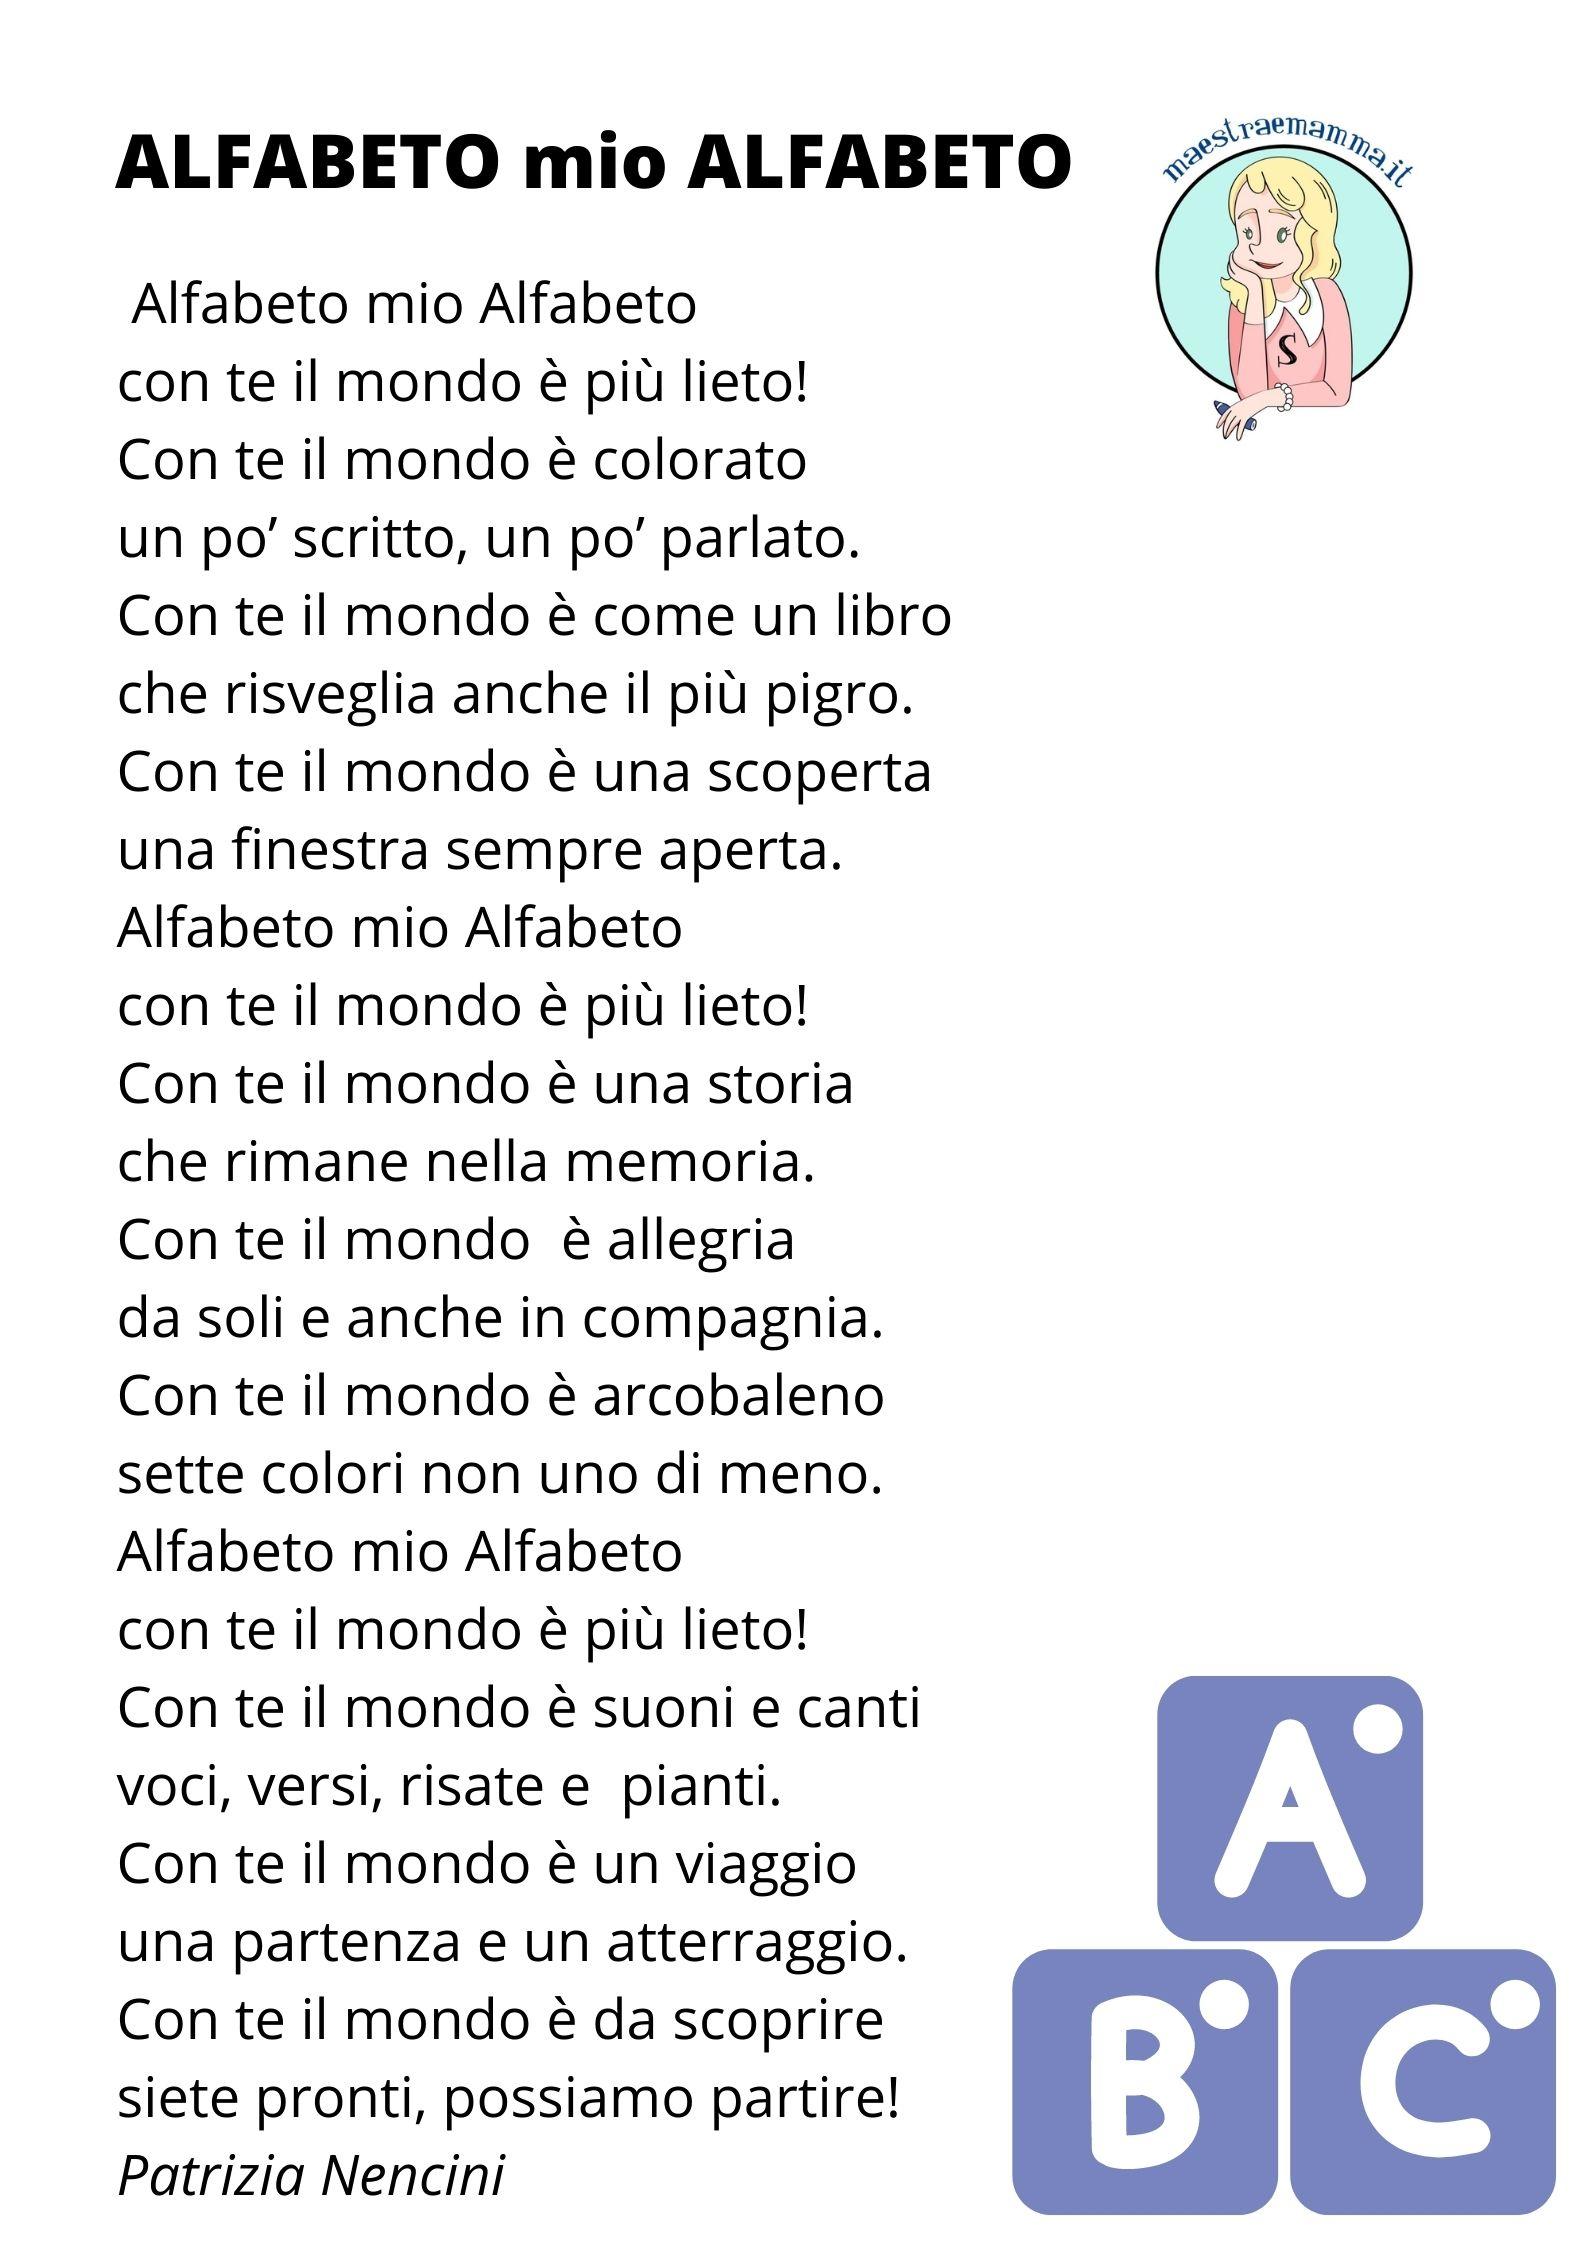 filastrocca ALFABETO mio ALFABETO